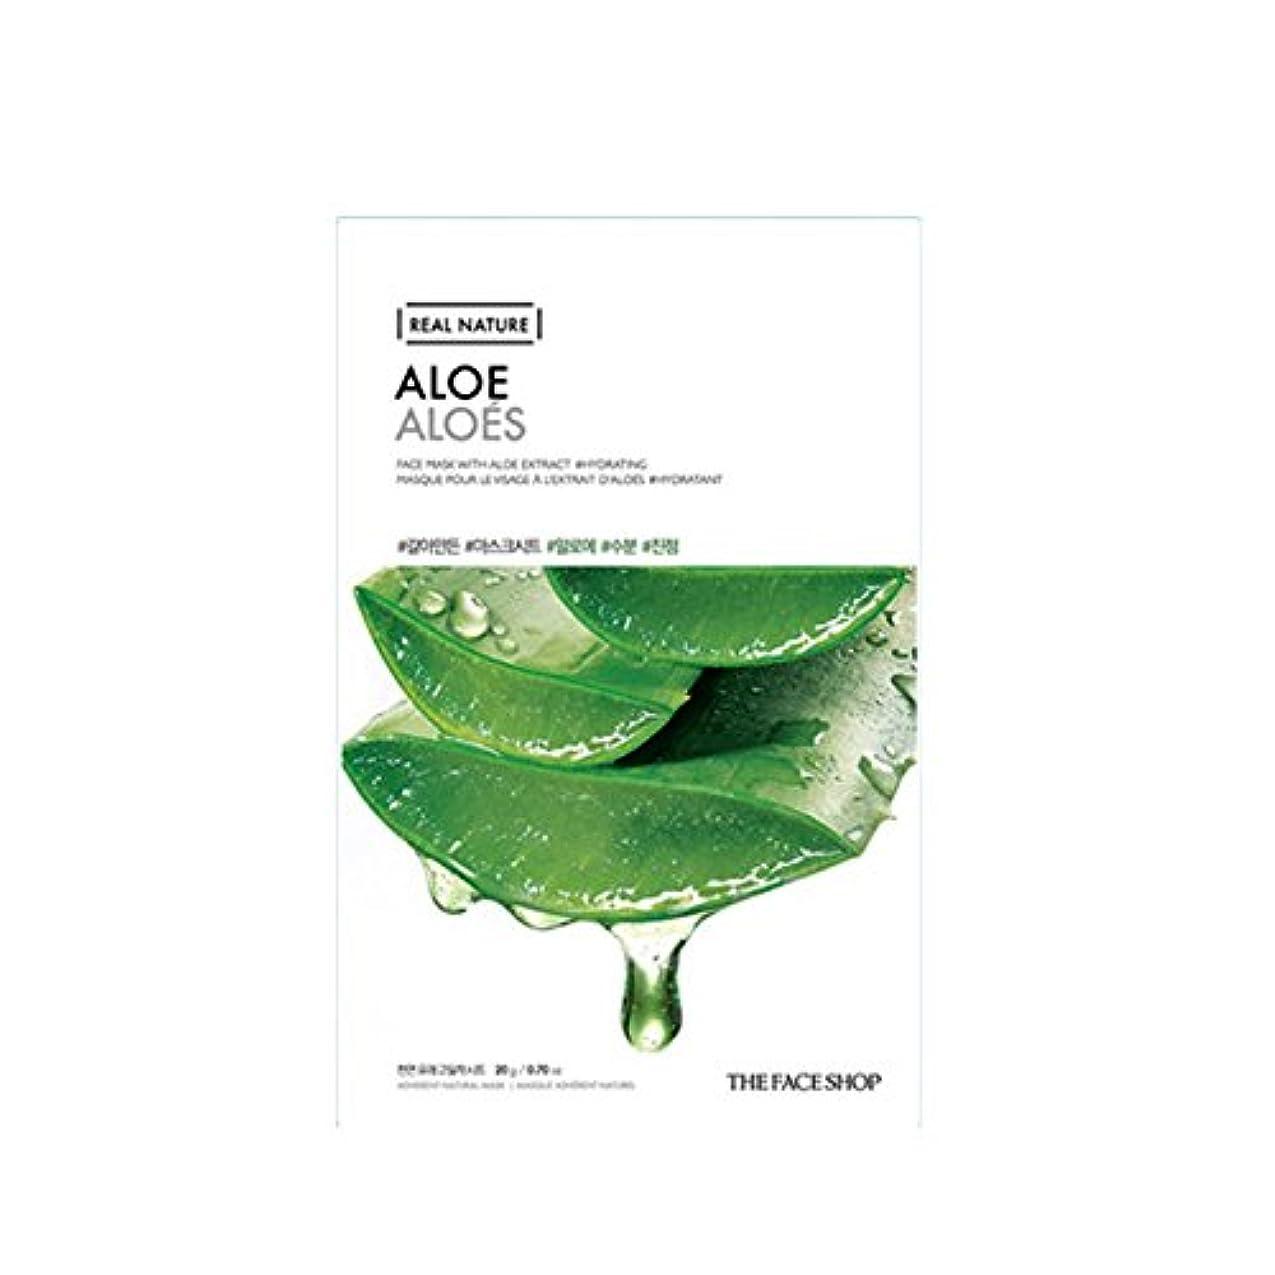 芸術的証拠クラシカル[The Face Shop] ザフェイスショップ リアルネイチャーマスクシート Real Nature Mask Sheet (Aloe (アロエ) 10個) [並行輸入品]